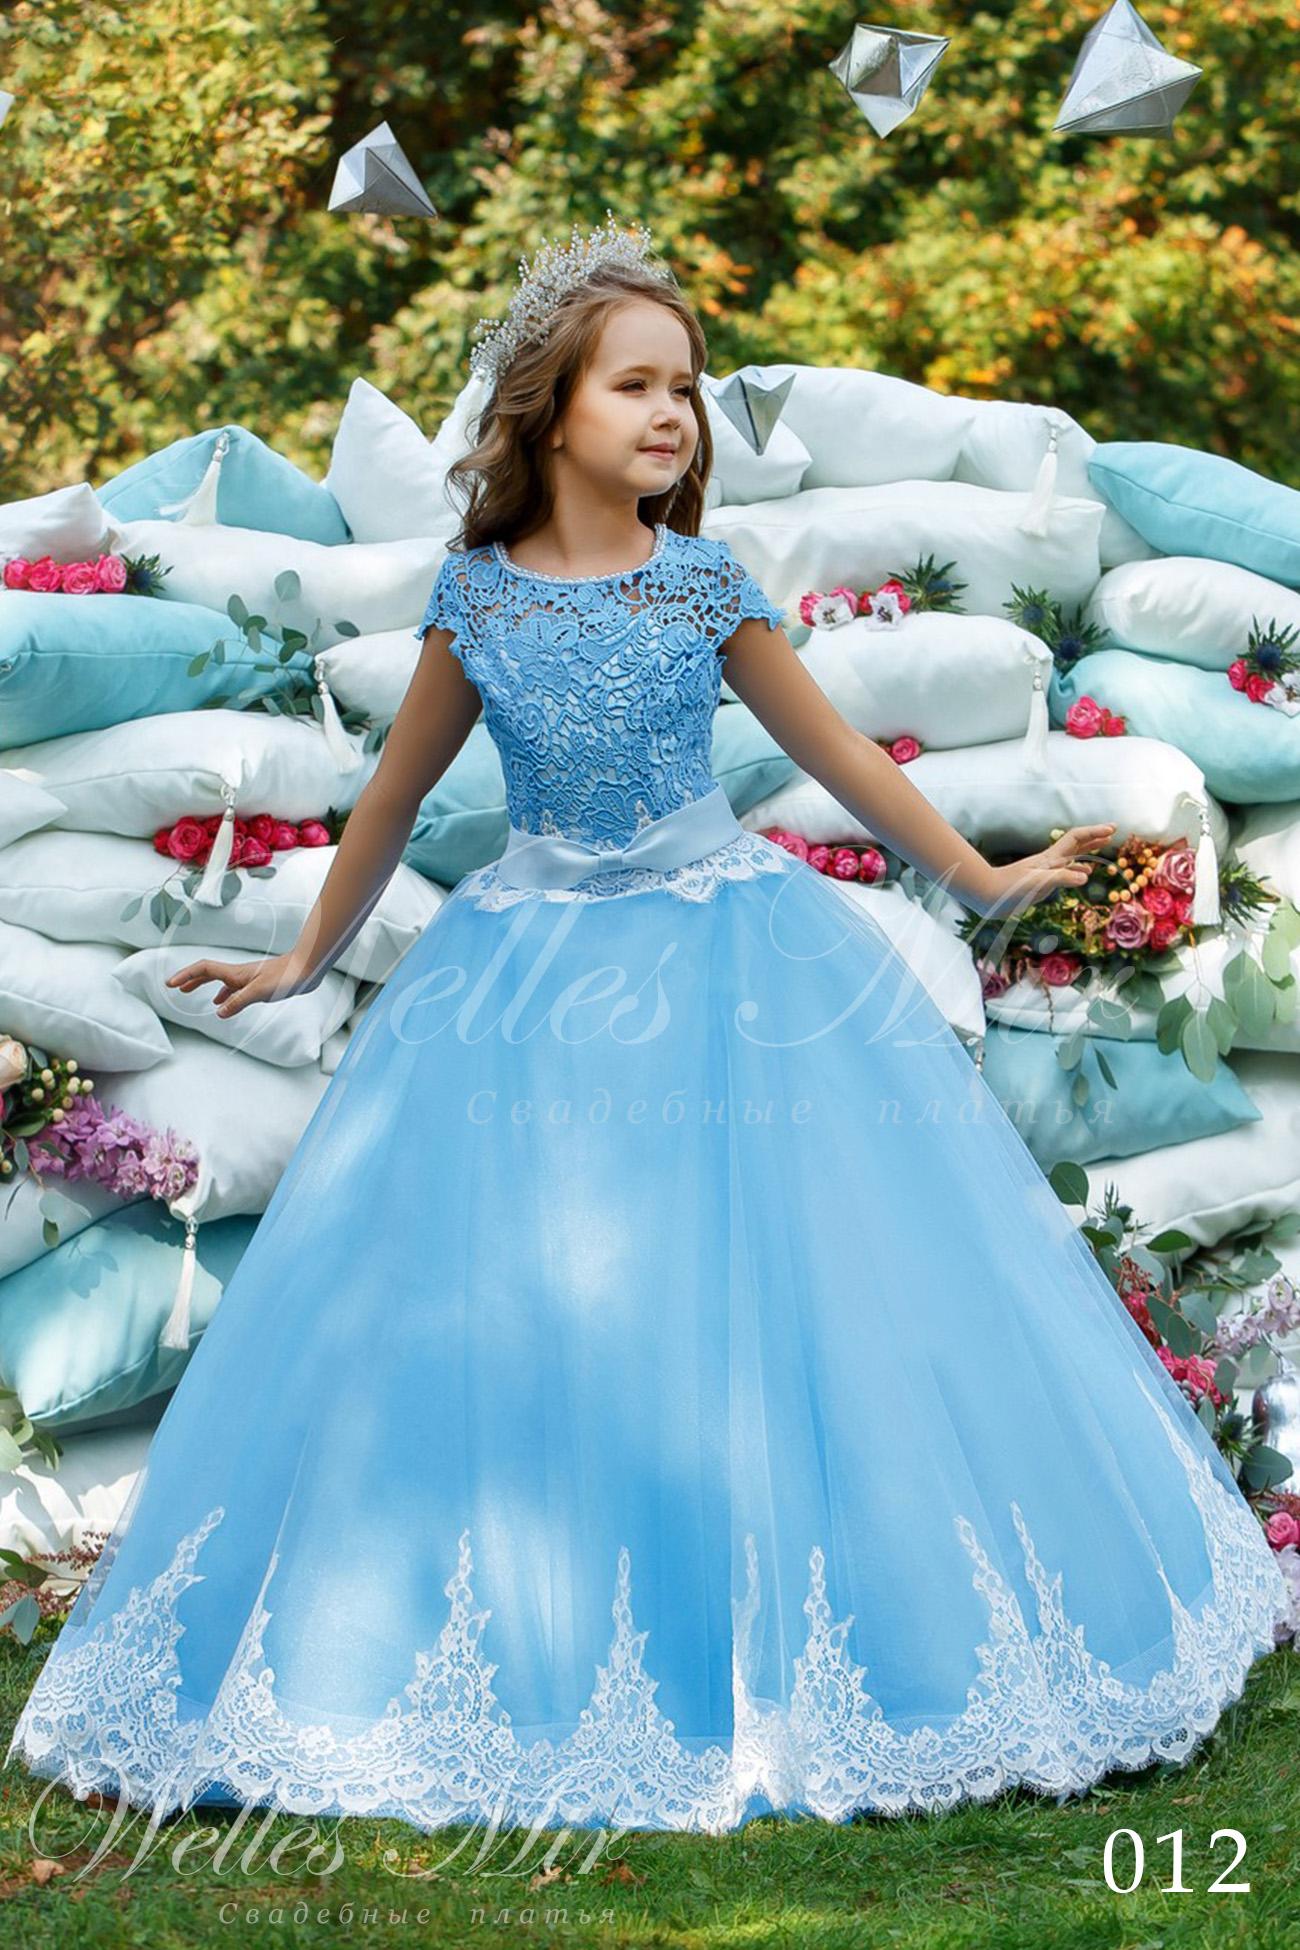 Детское платье с кружевом Wellesmir